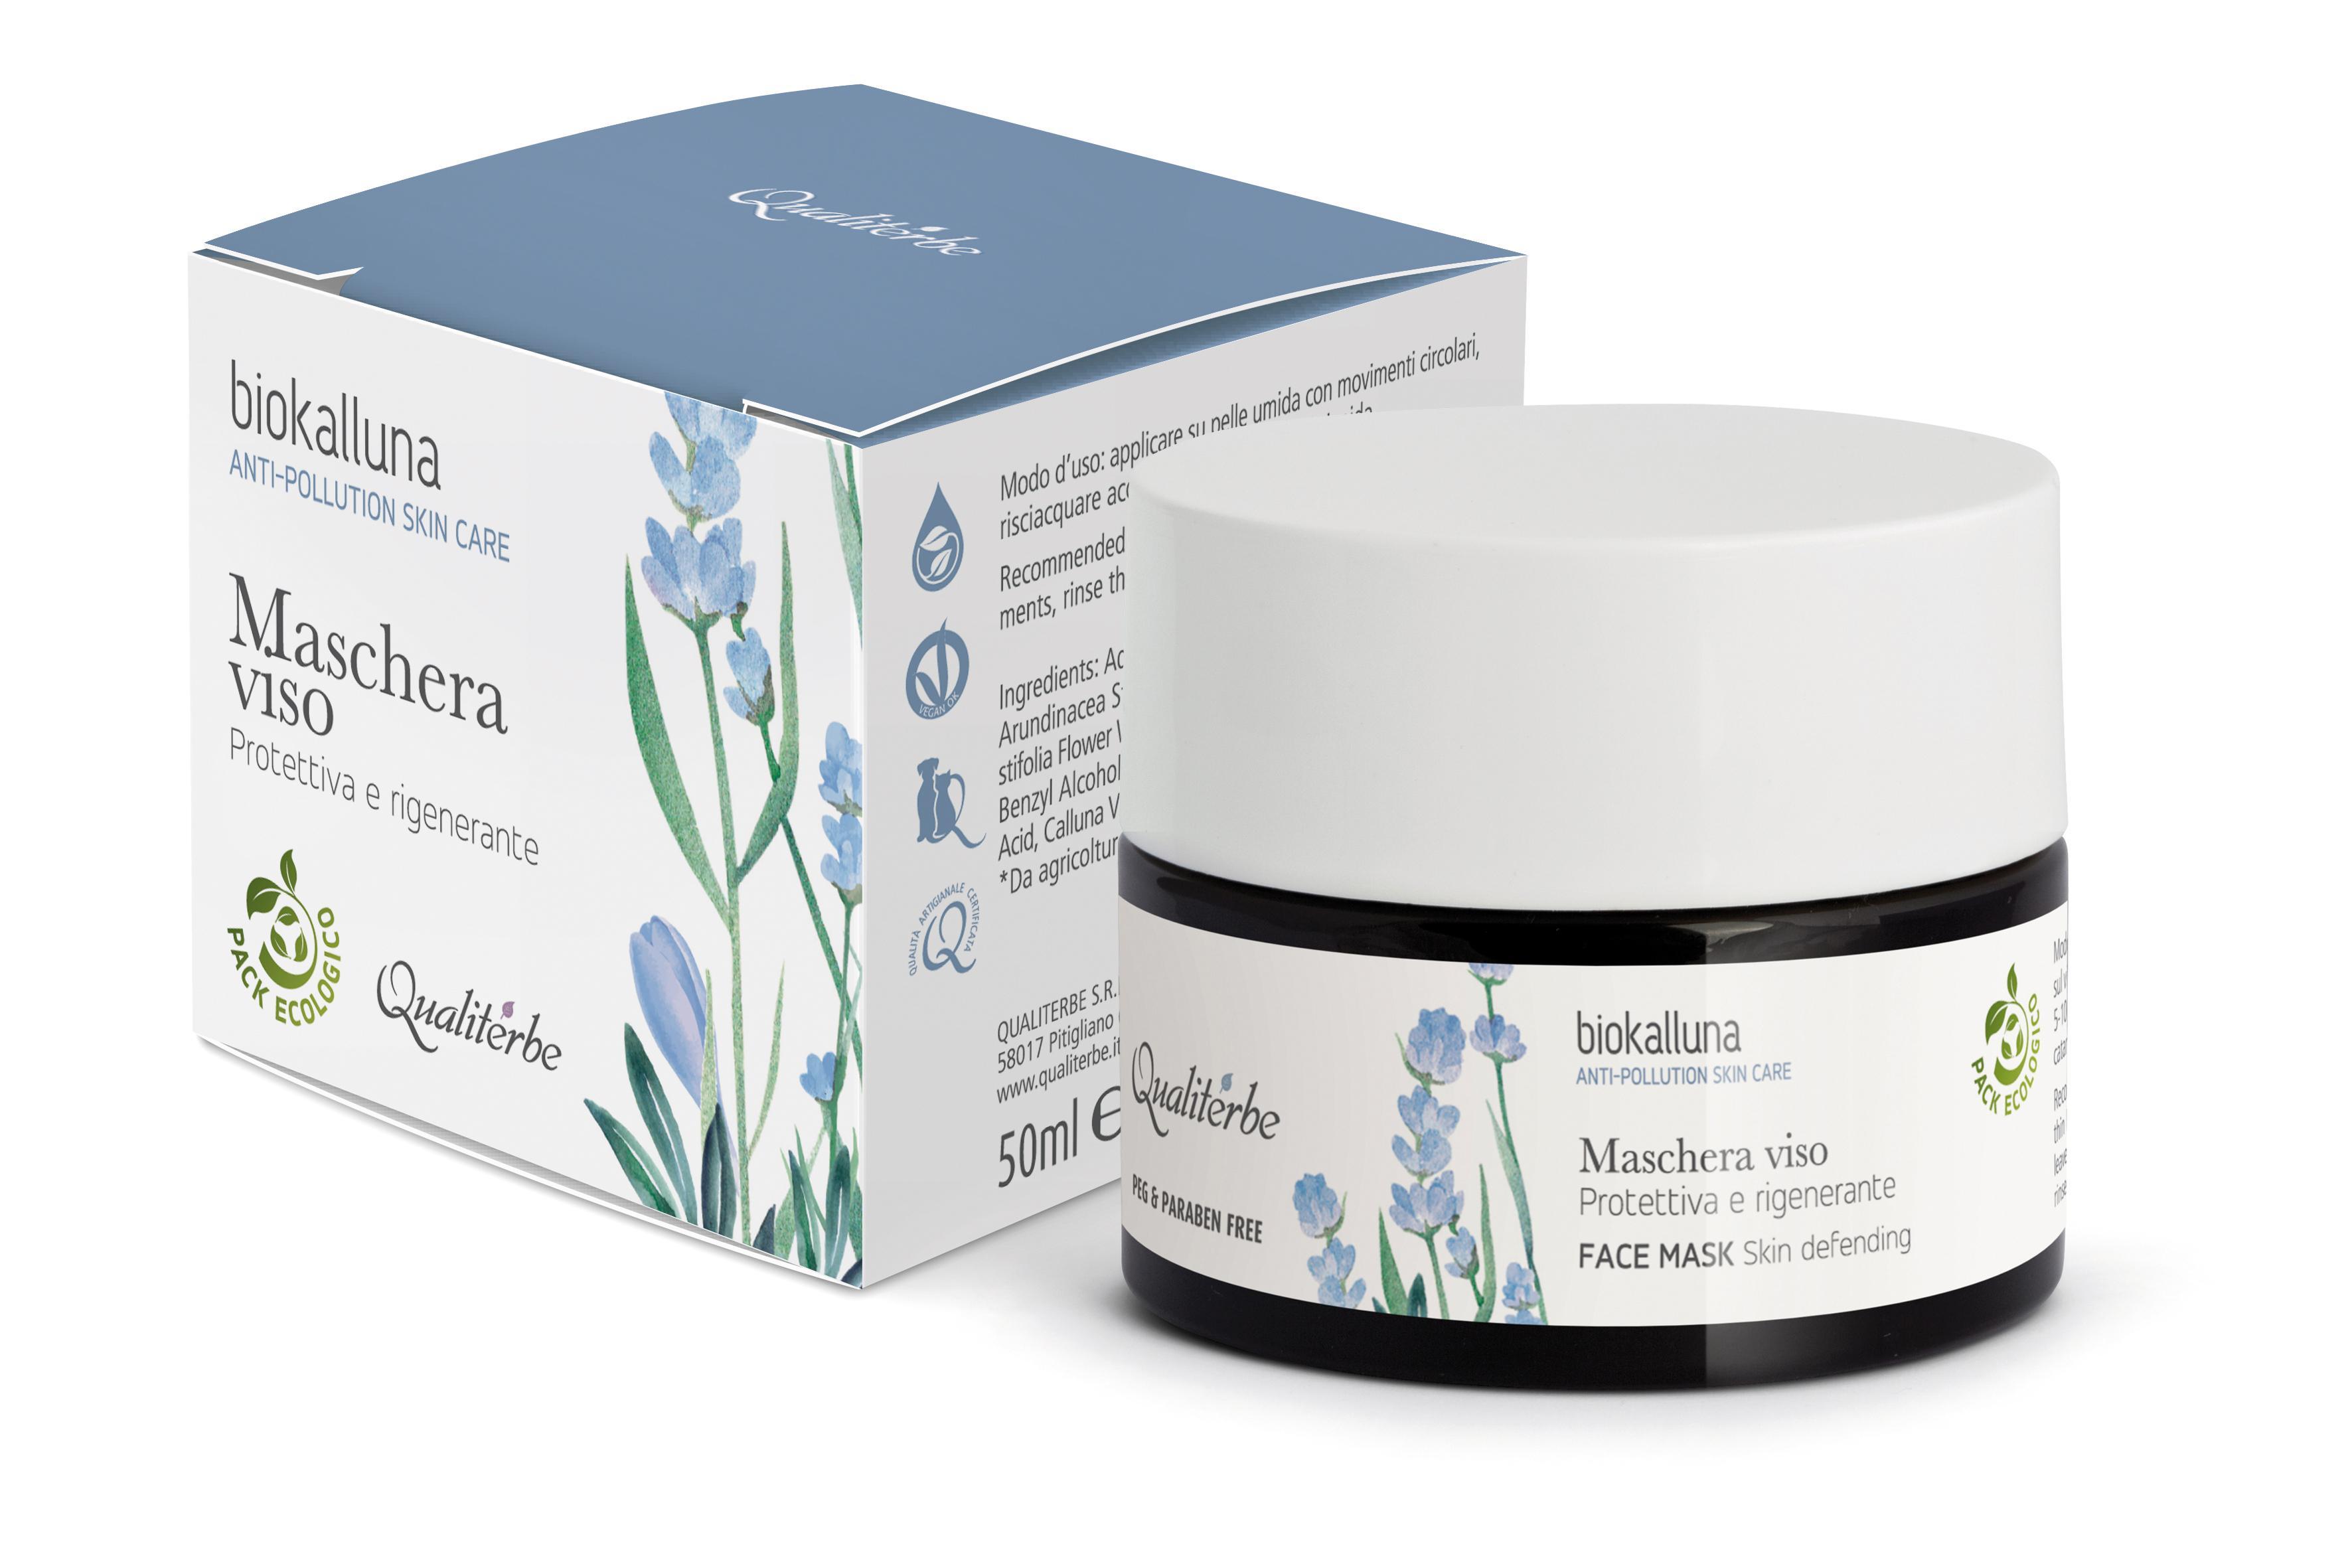 Maschera Viso 50 ml Protettiva e Rigenerante Anti-Pollution Biokalluna